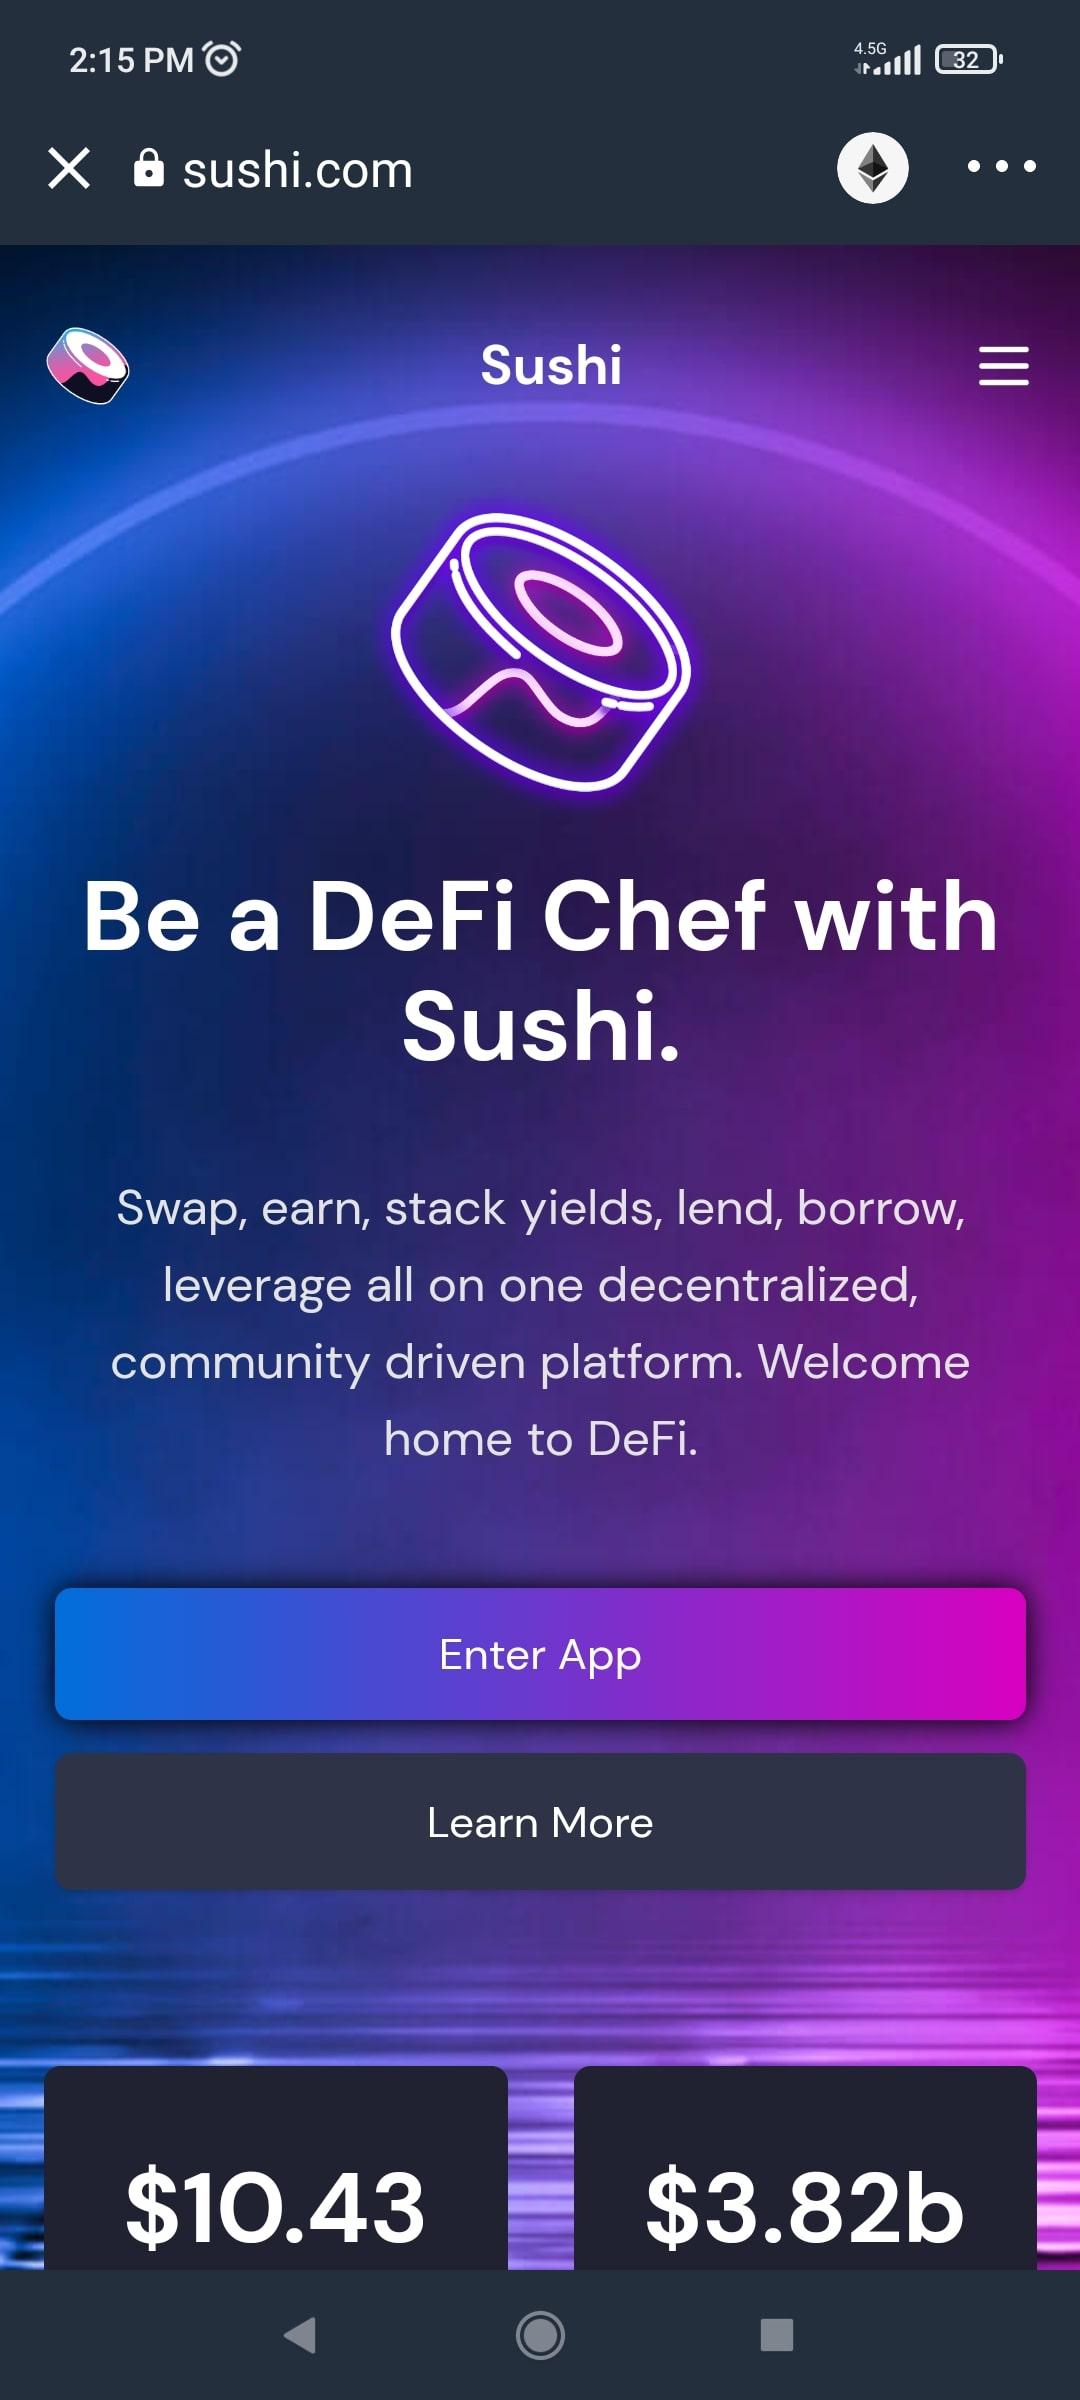 آموزش کار با سوشی سواپ